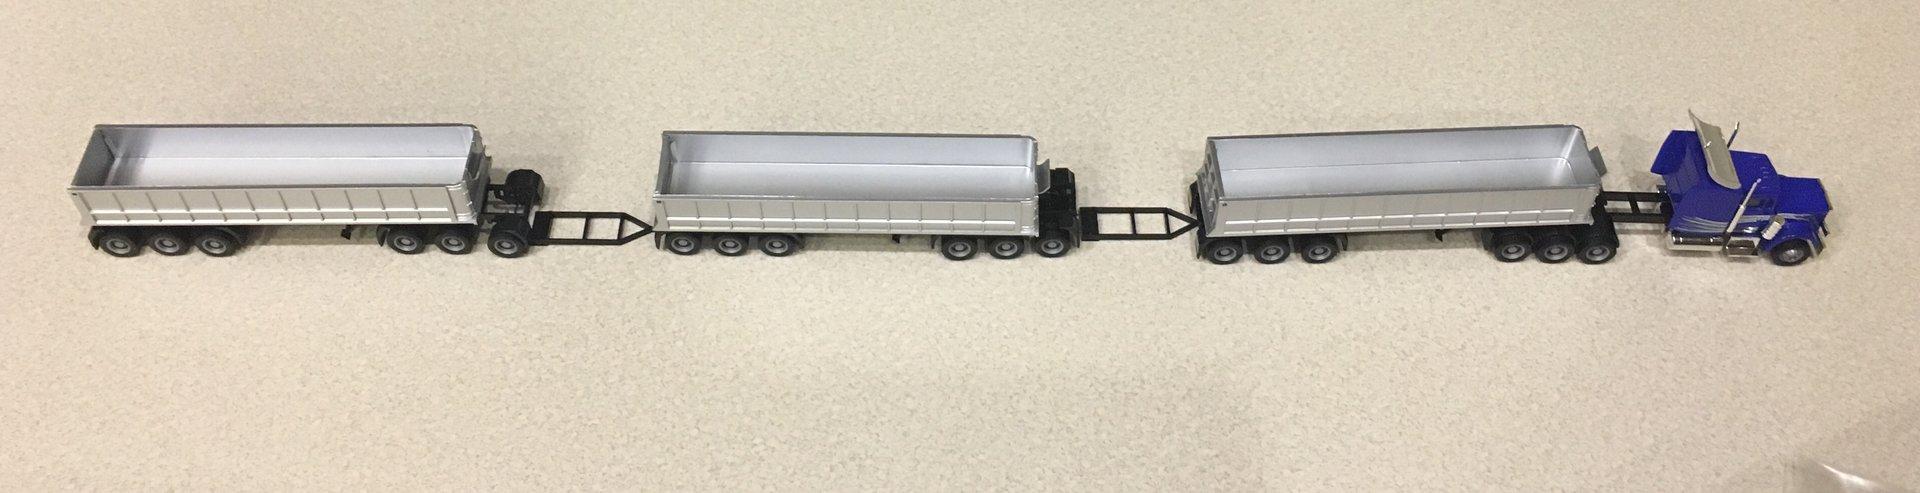 Pociąg drogowy przymiarka 01.jpg